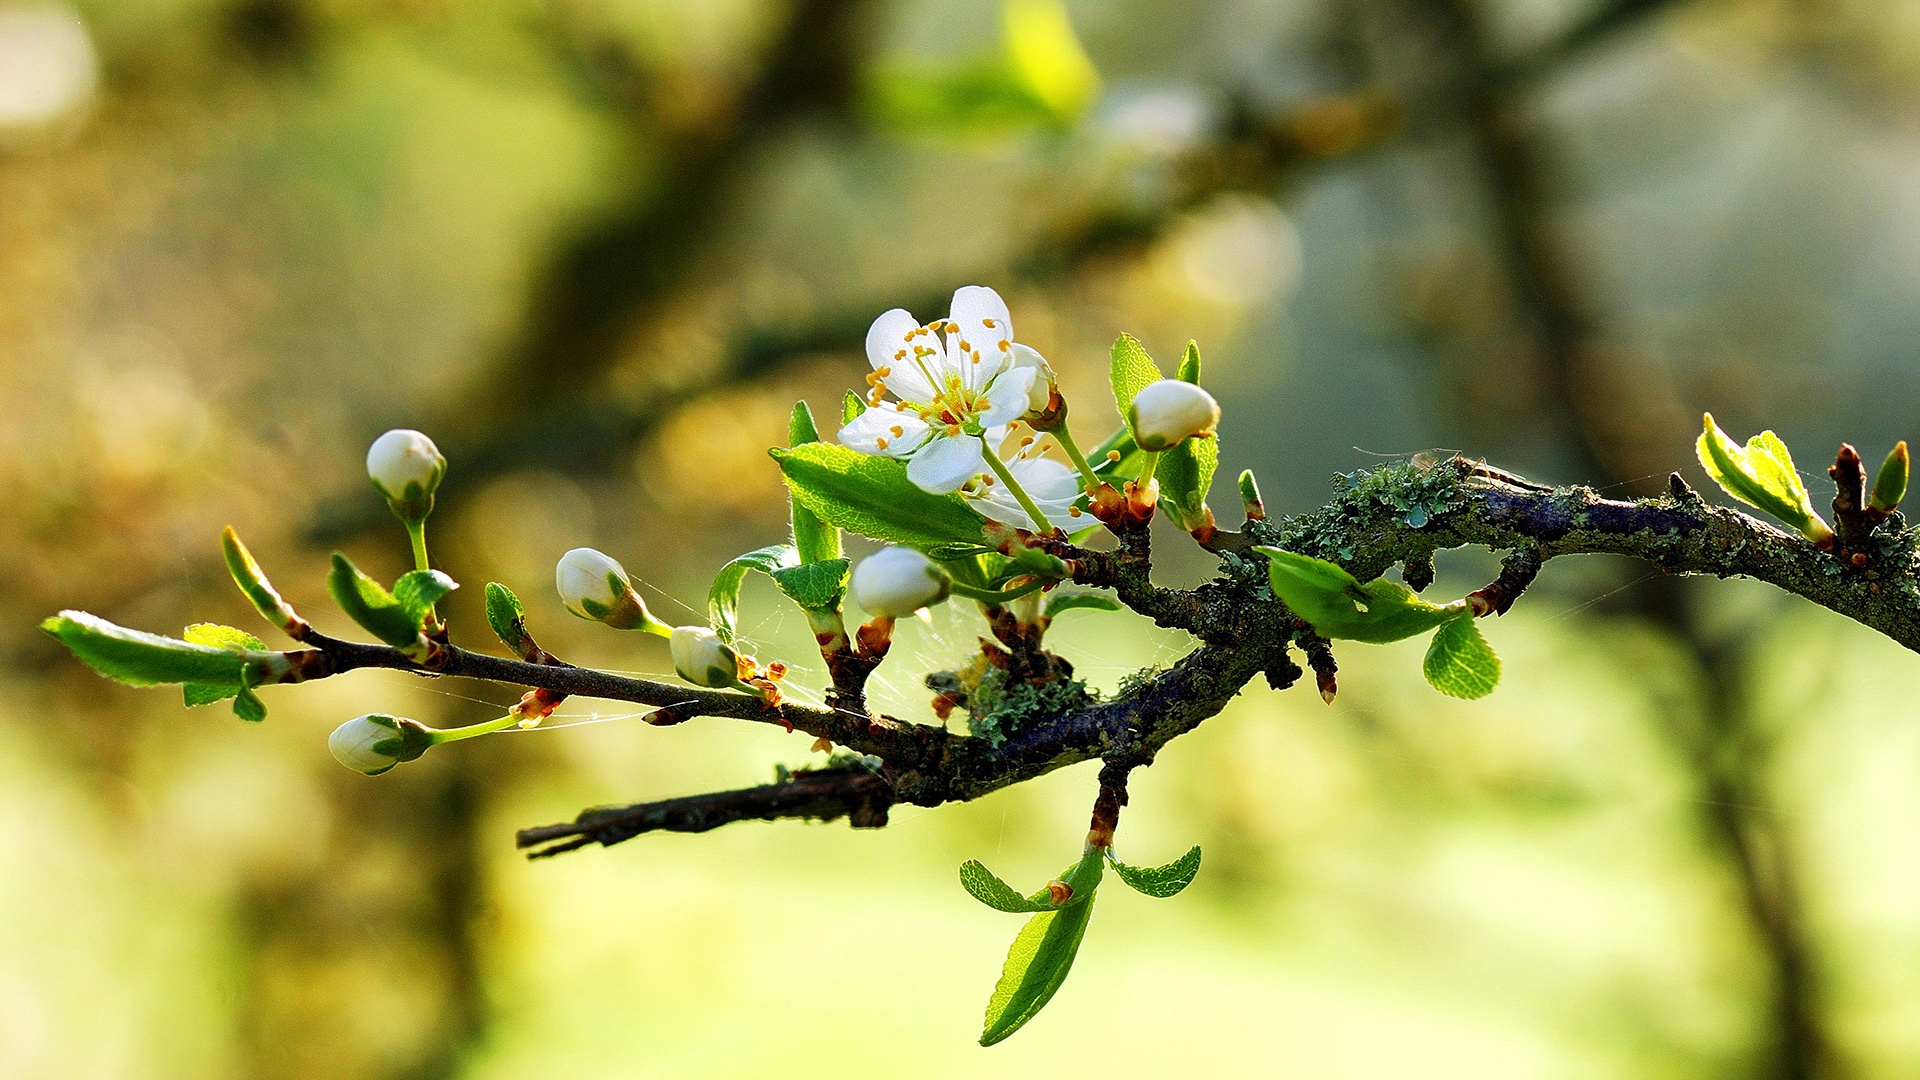 spring wallpaper*1 - Spring Wallpaper (34023134) - Fanpop